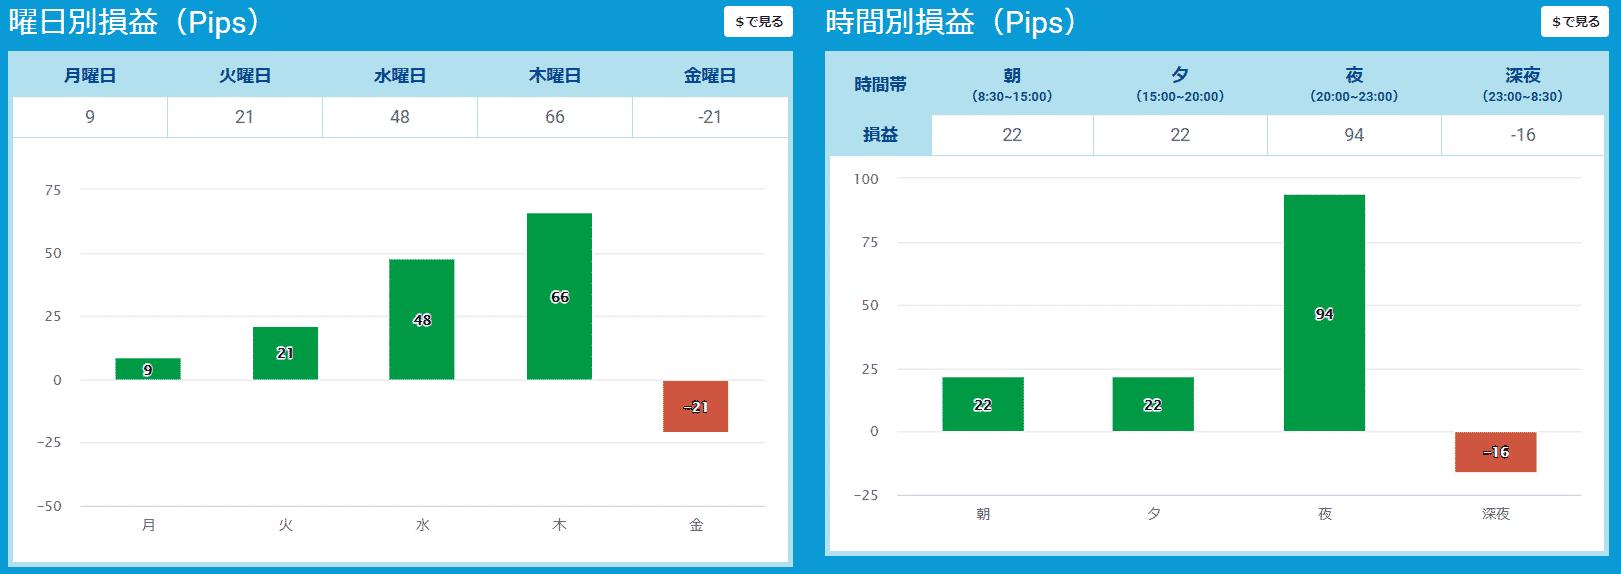 プロップトレーダーチャートHuko2